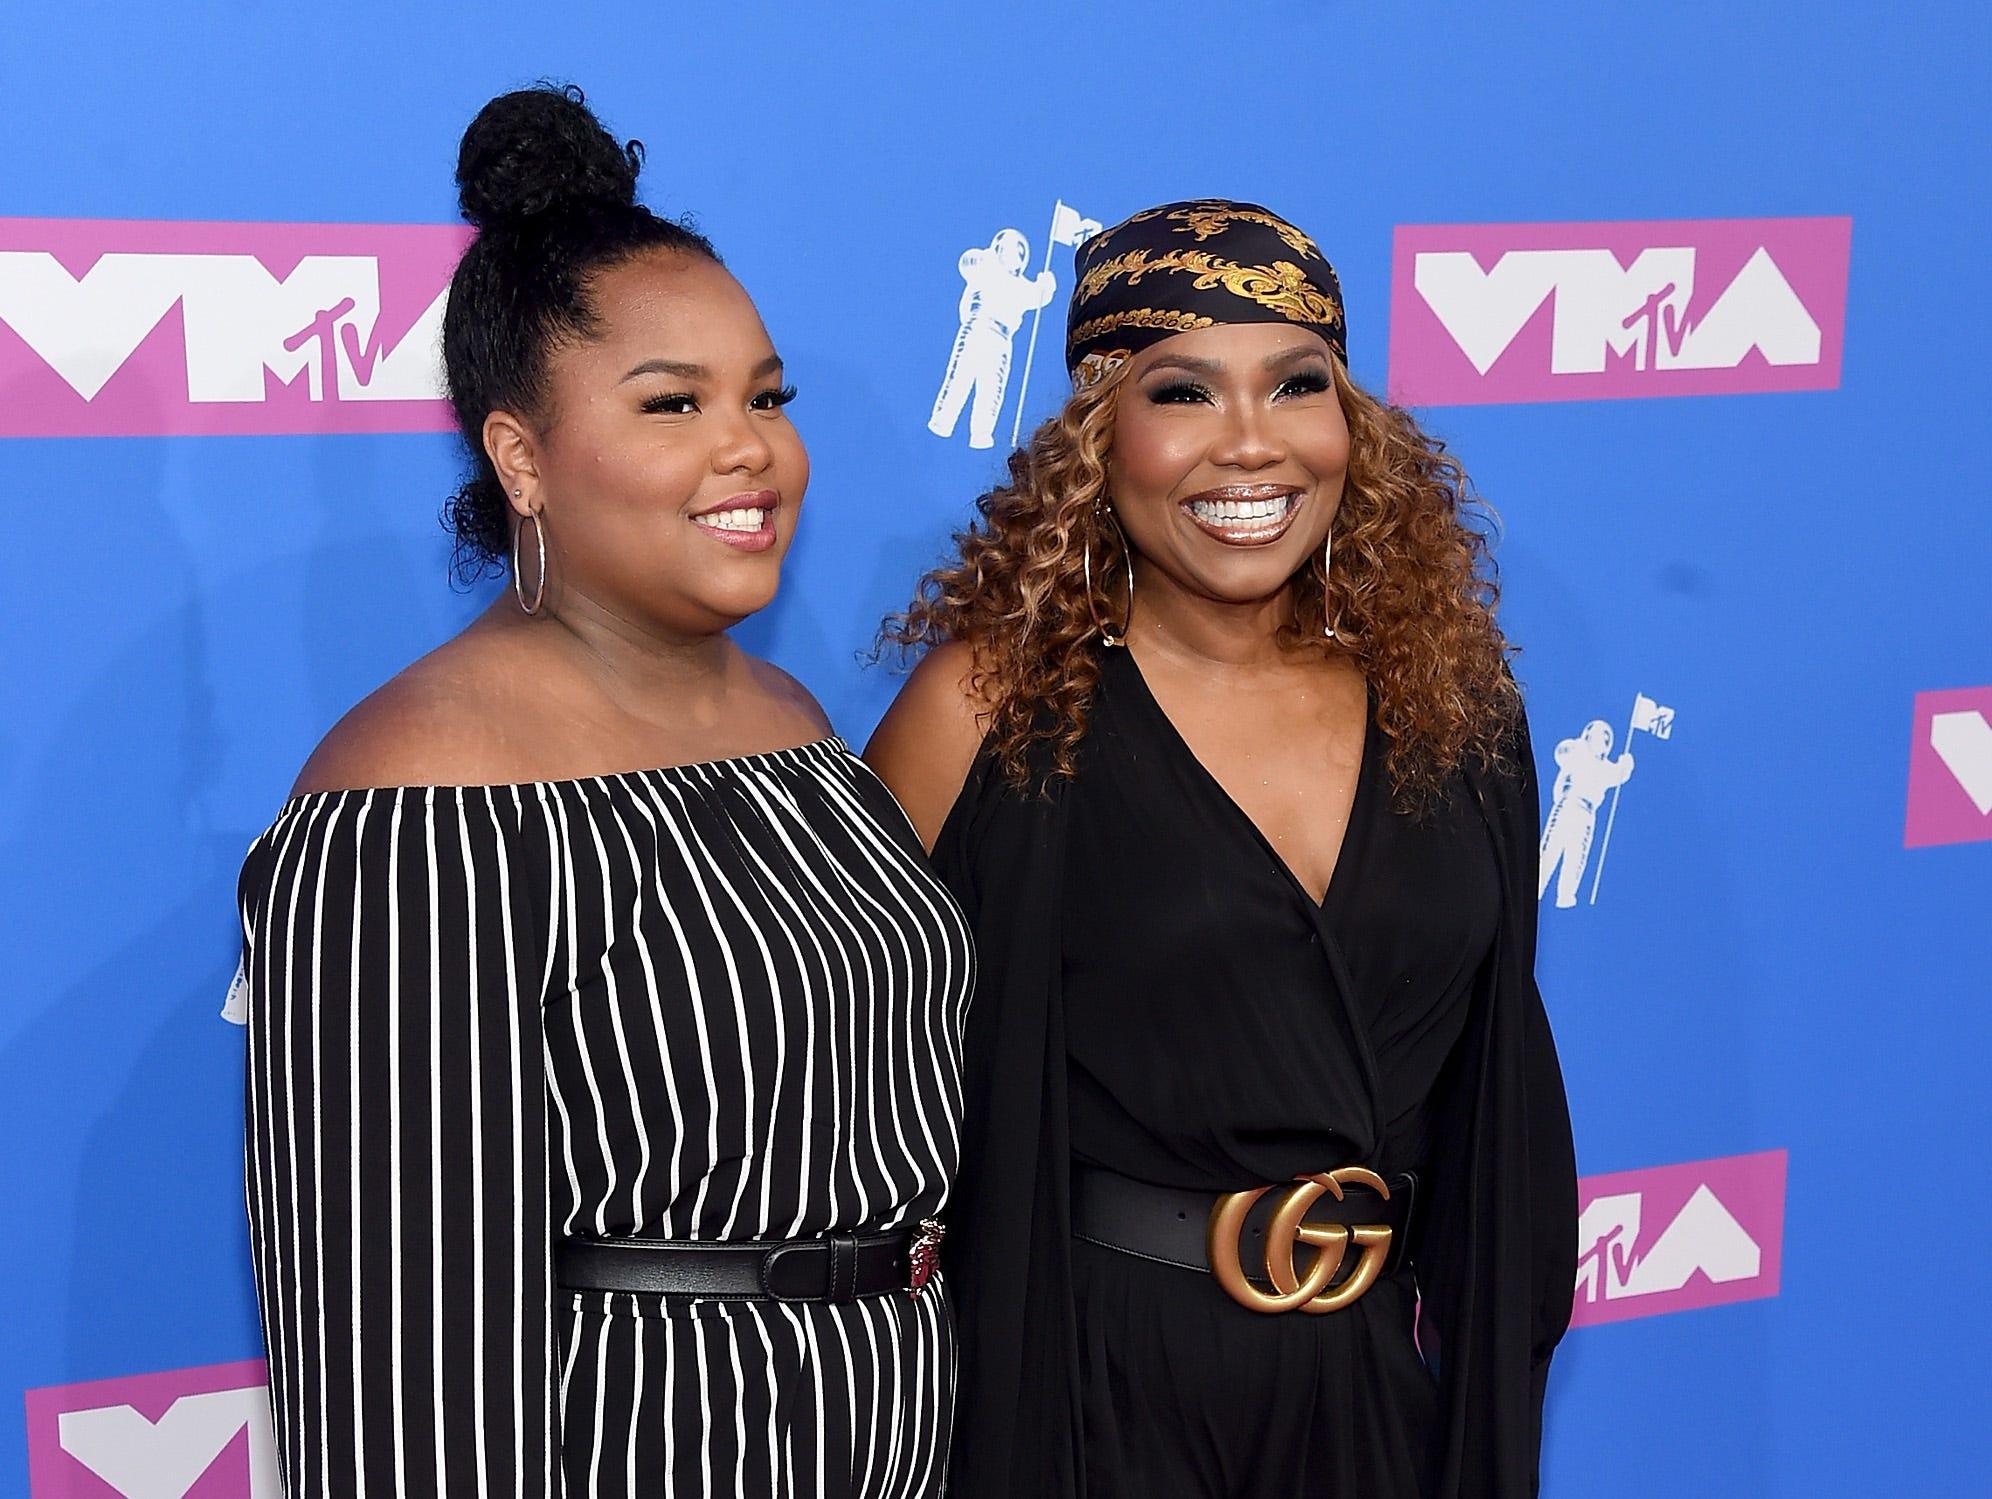 Mona Scott-Young (der) asiste a los MTV Video Music Awards 2018 en el Radio City Music Hall el 20 de agosto de 2018 en la ciudad de Nueva York.